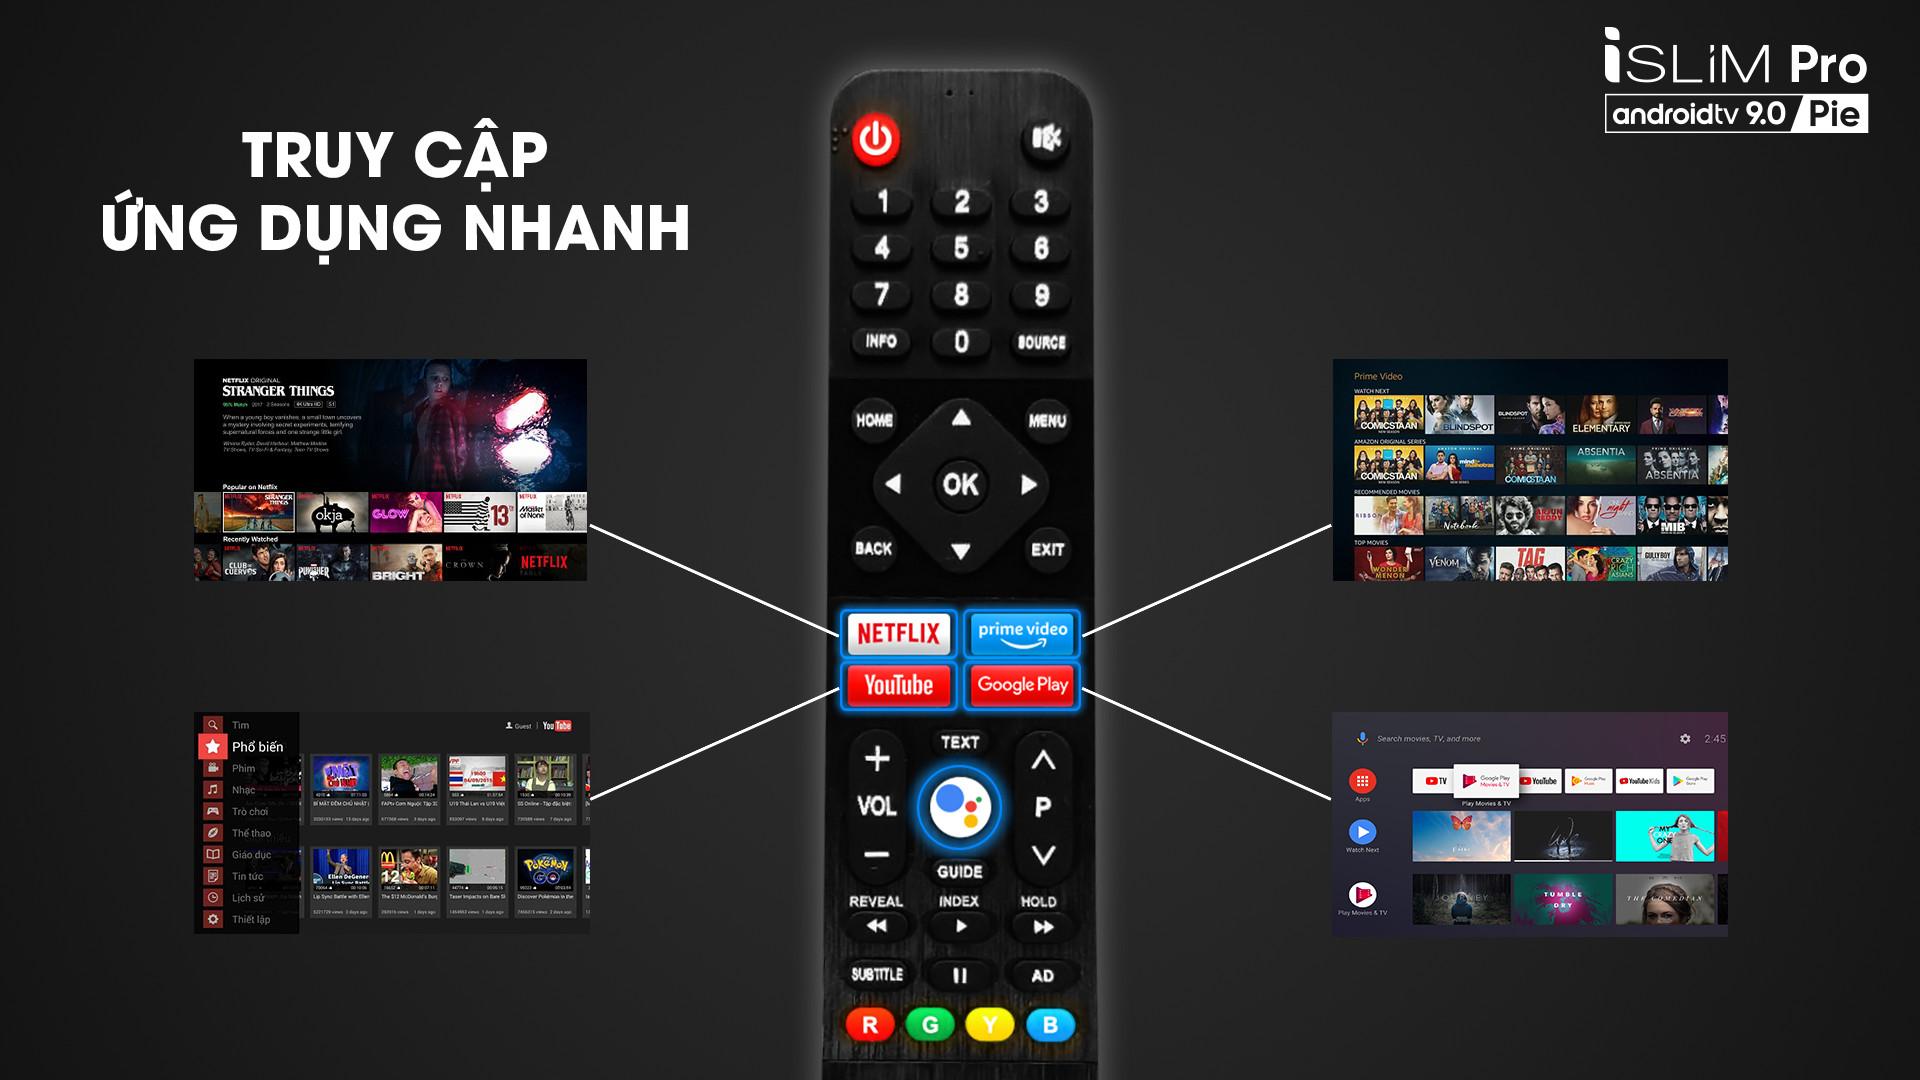 """Smart TV Asanzo iSLIM PRO 32""""- 32S51 (Android 9.0 Pie – 2020) Hàng Chính Hãng"""